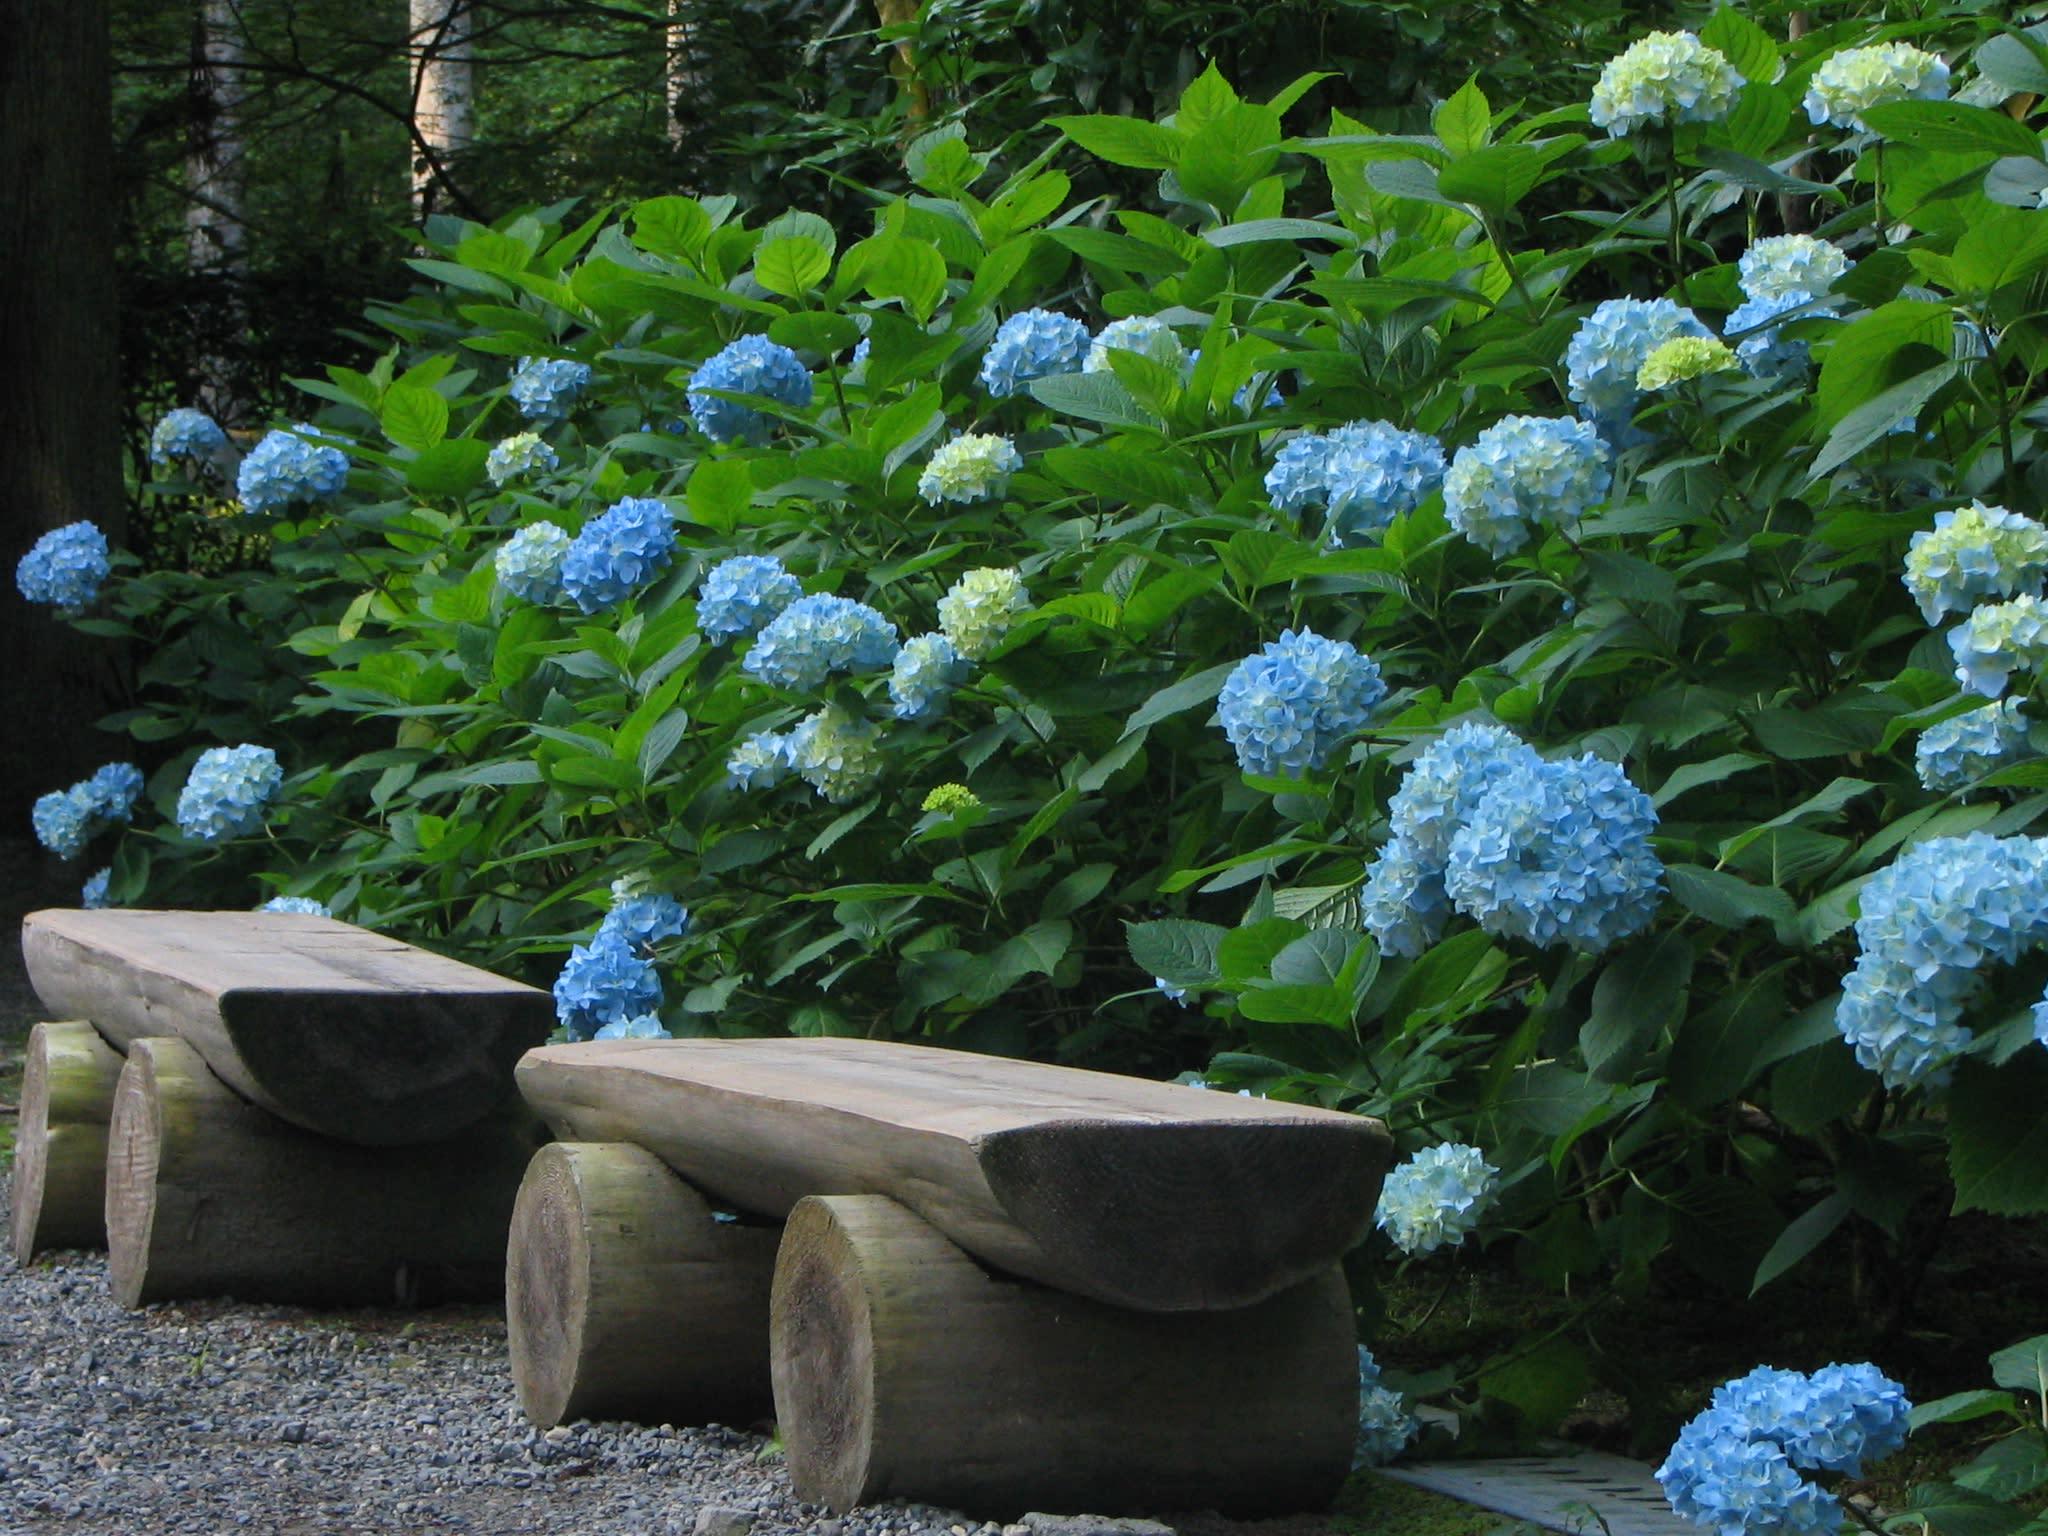 夏天的紫陽花,讓三千院的幽靜稍微變得輕盈 來源:http://phoenixyz.com/sanzenin-azisai/